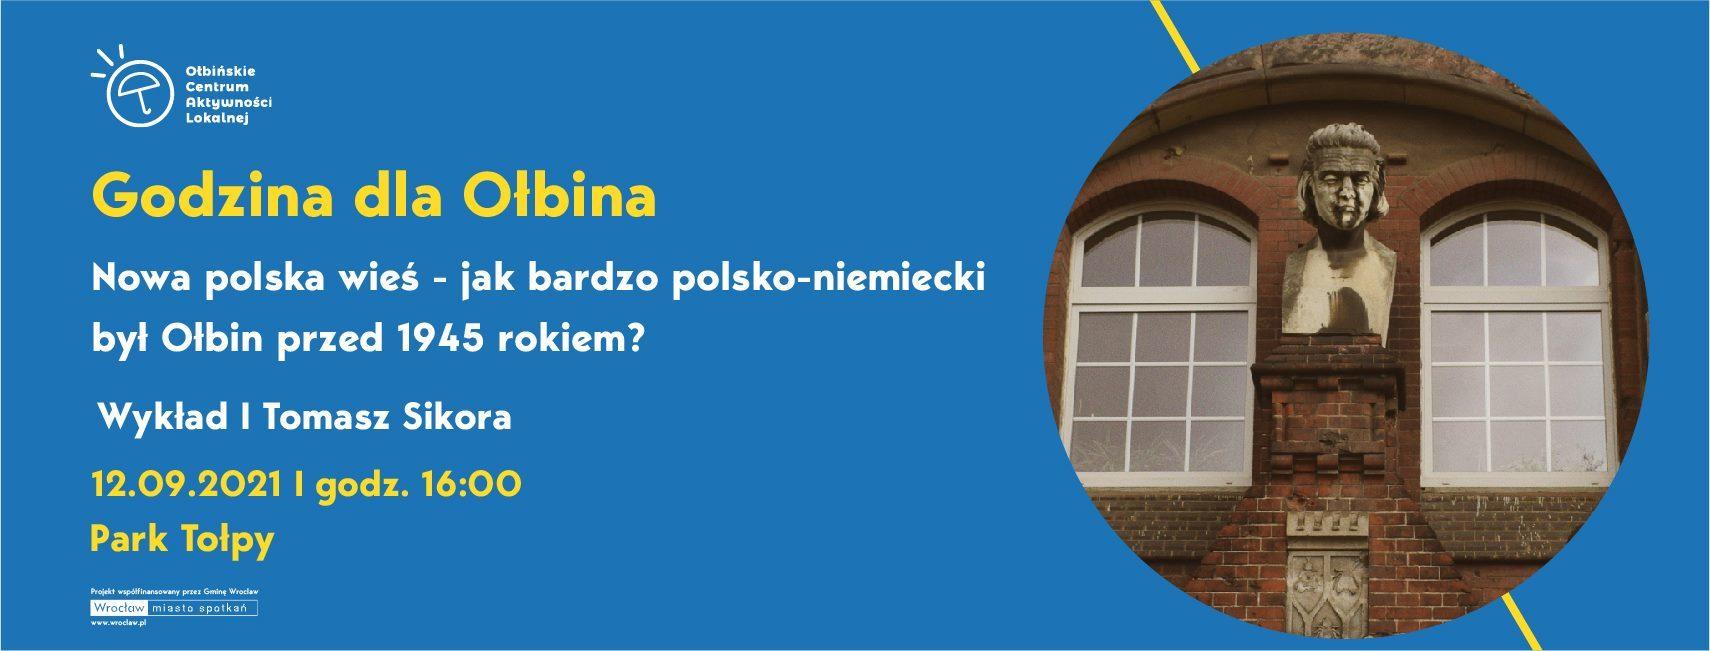 obraz niebieskie tło żółty napis godzina dla ołbina w lewym górnym rogu logo ołbińskiego centrum aktywności lokalnej po prawej fragment starego domu z oknem